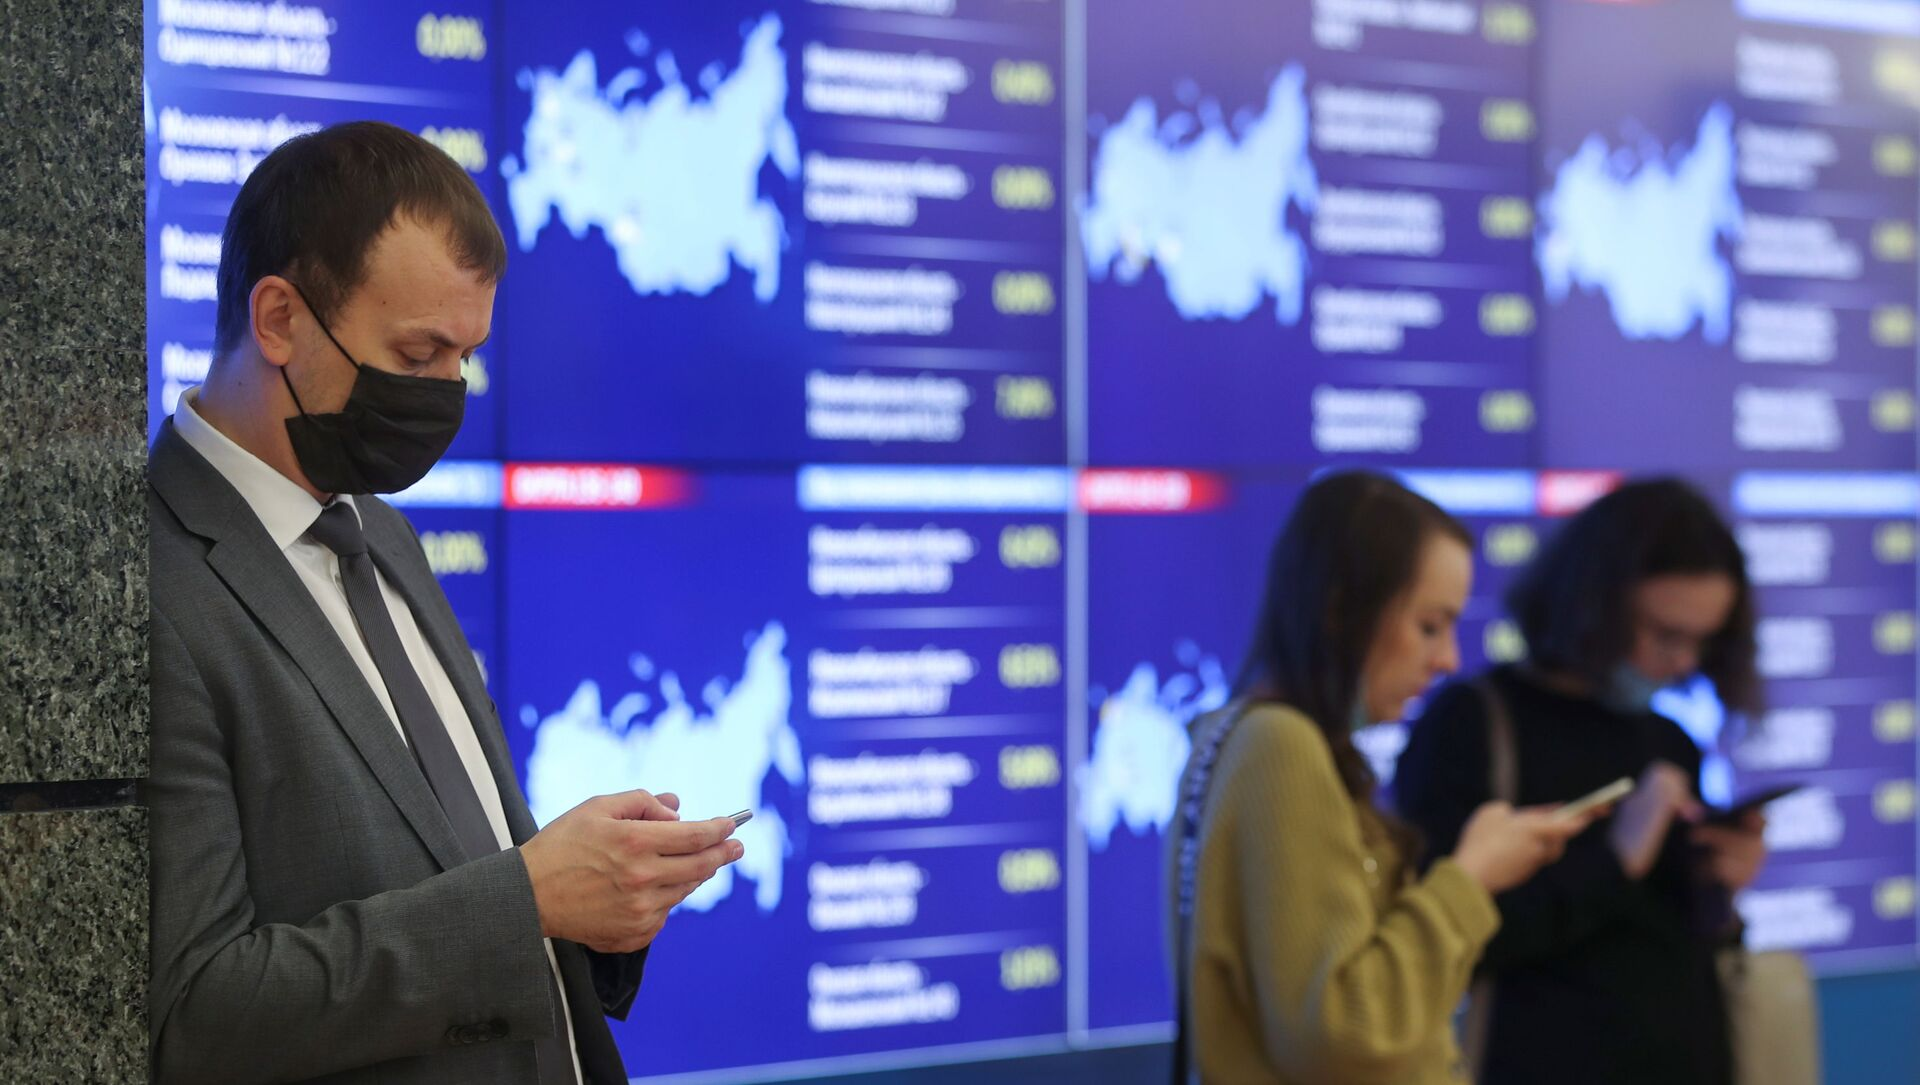 В информационном центре Центральной избирательной комиссии РФ в Москве в Единый день голосования в субъектах Российской Федерации - Sputnik Azərbaycan, 1920, 19.09.2021